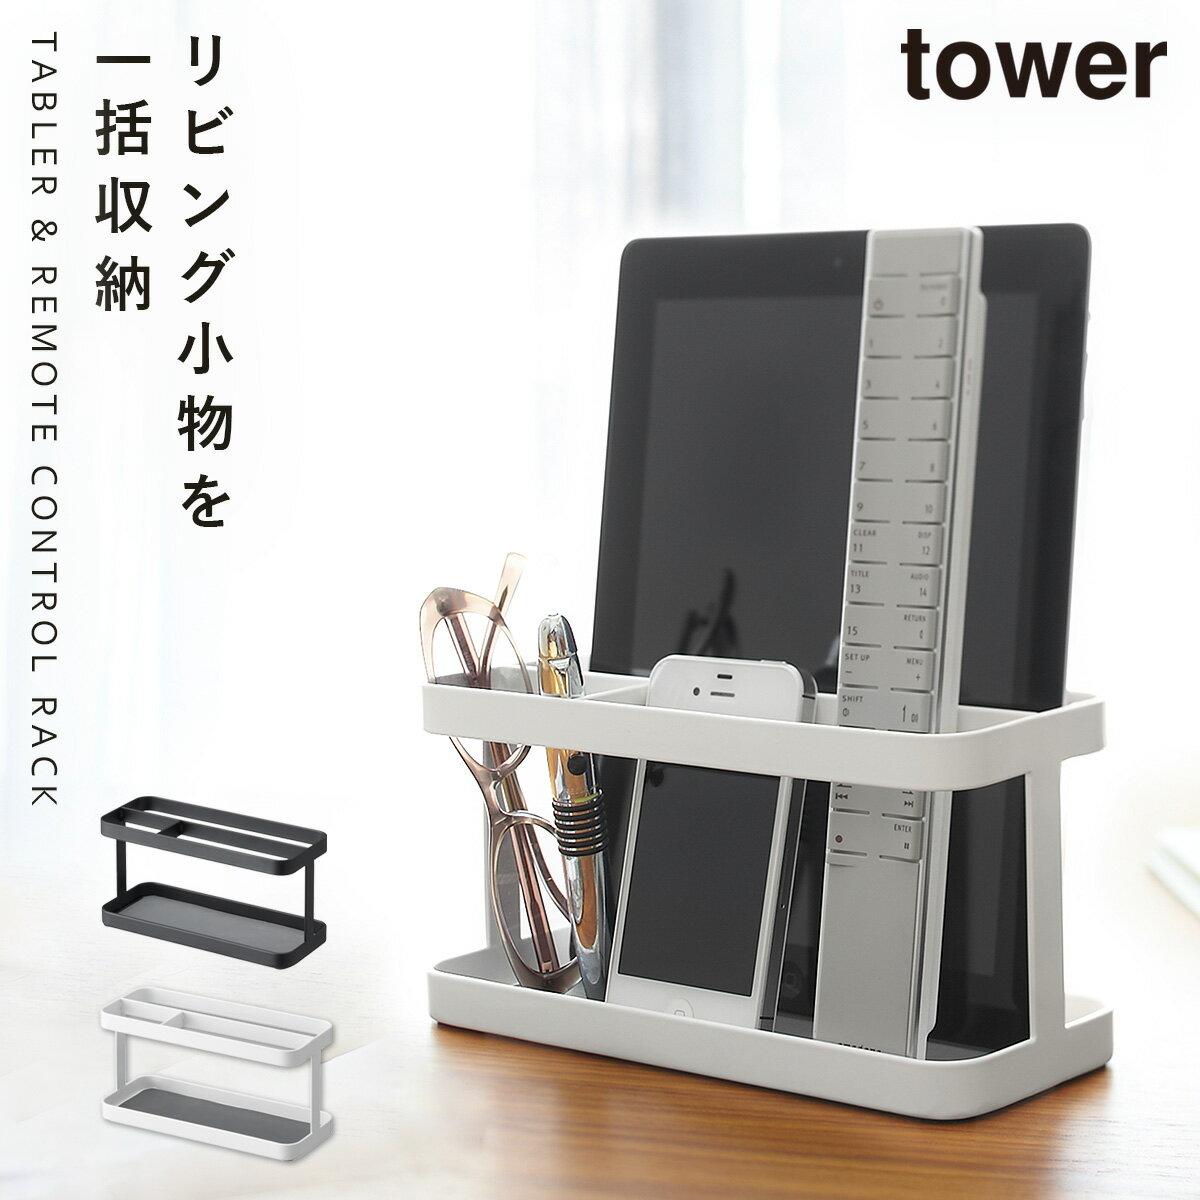 リモコン 収納 リモコンラック リモコンスタンド タブレット&リモコンラック タワー  白い 黒 tower 山崎実業